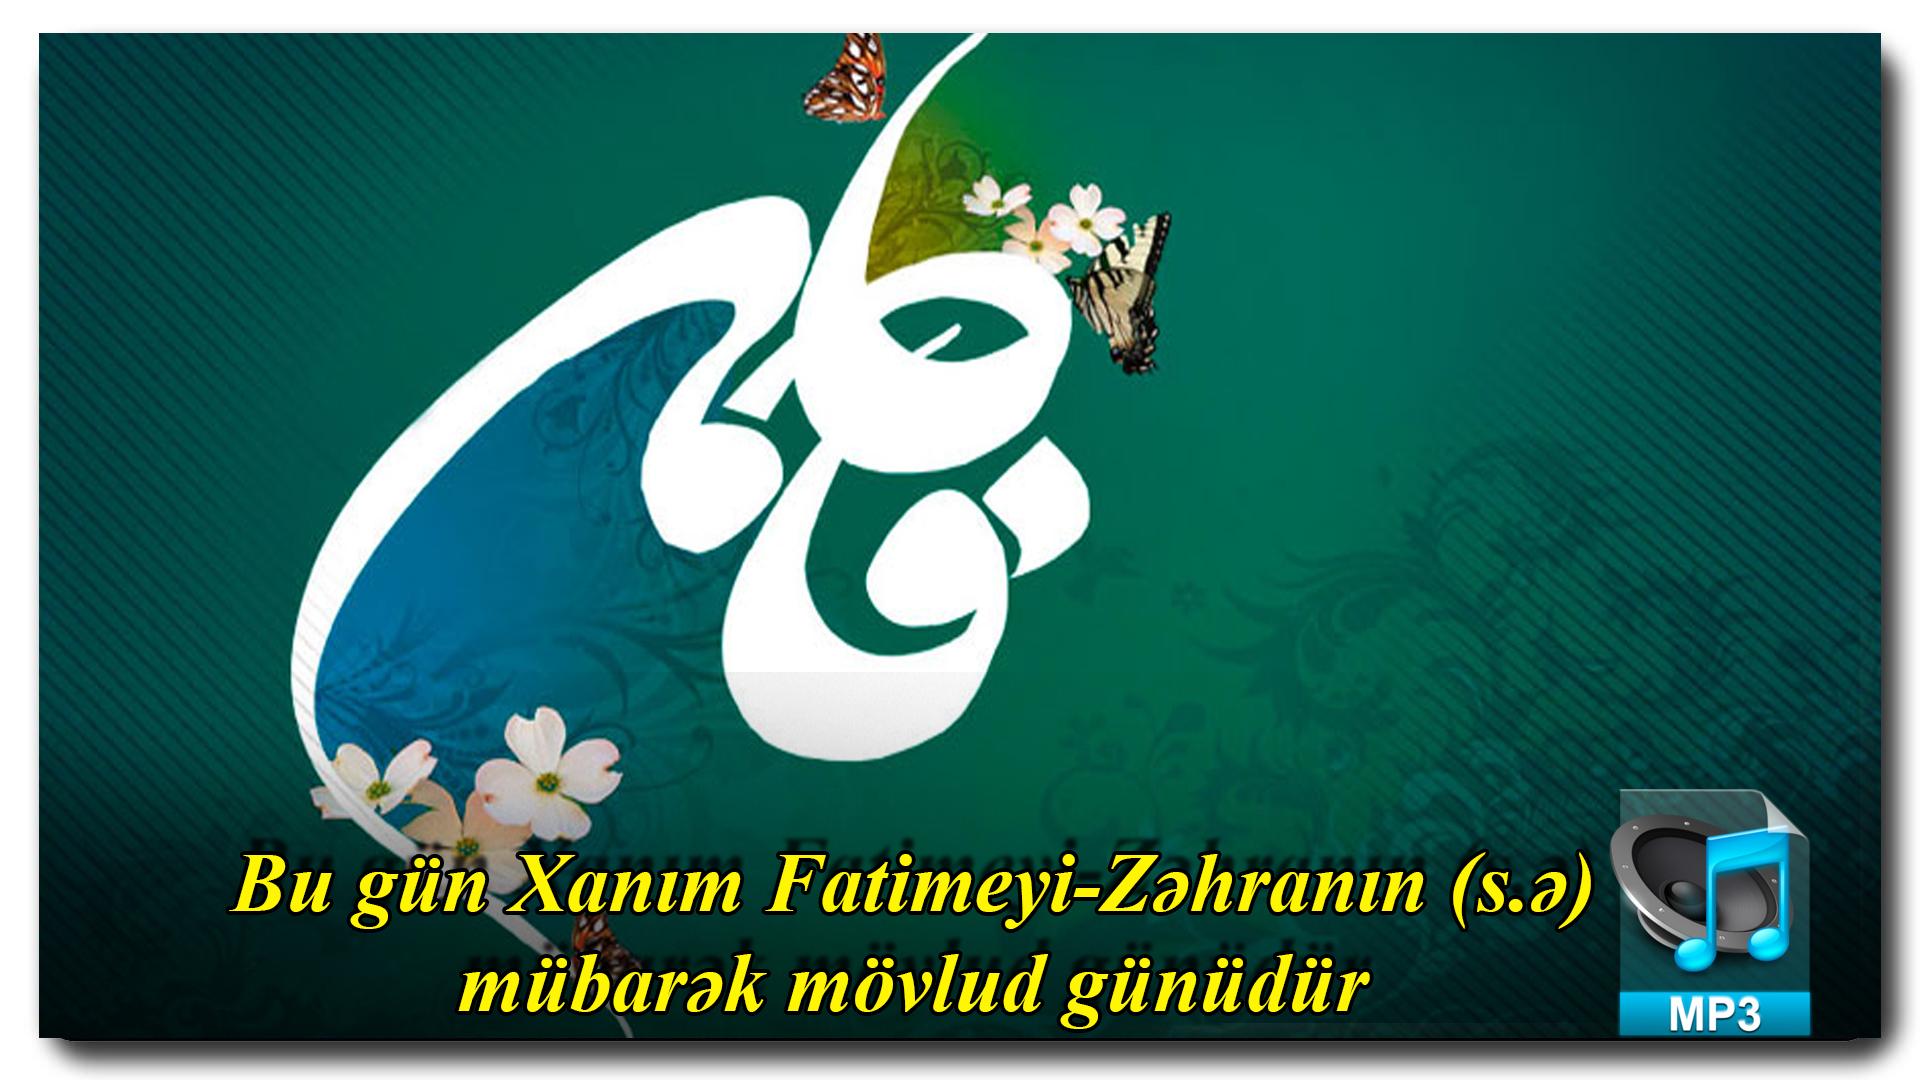 Bu gün Xanım Fatimeyi-Zəhranın (s.ə) mübarək mövlud günüdür (AUDIO)